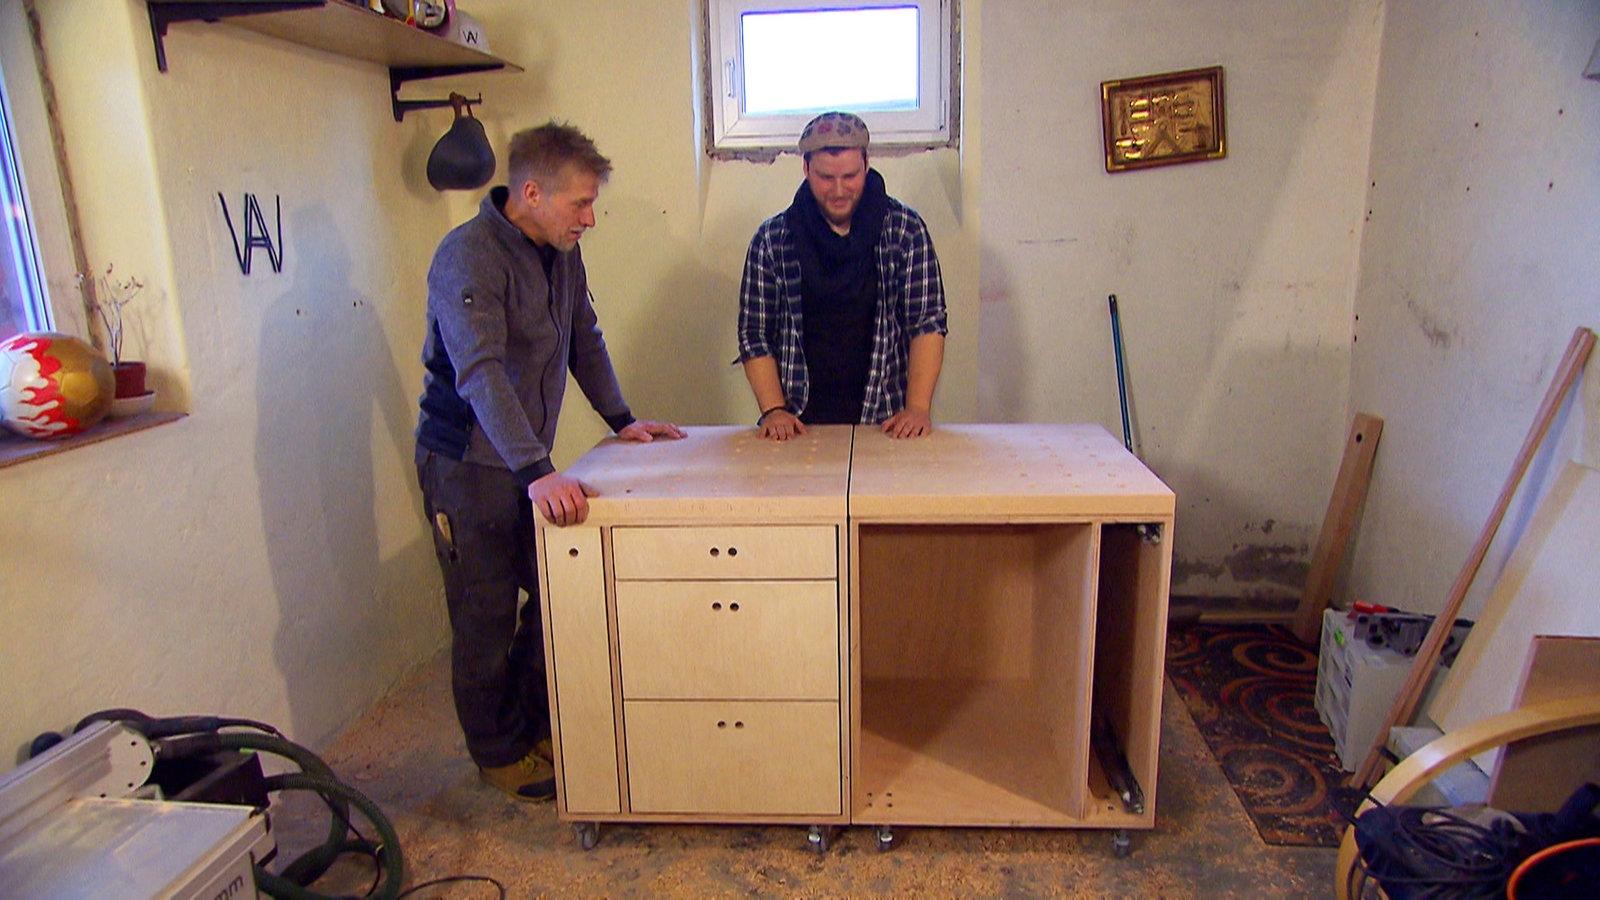 die perfekte werkbank selber bauen freizeit verbraucher wdr. Black Bedroom Furniture Sets. Home Design Ideas